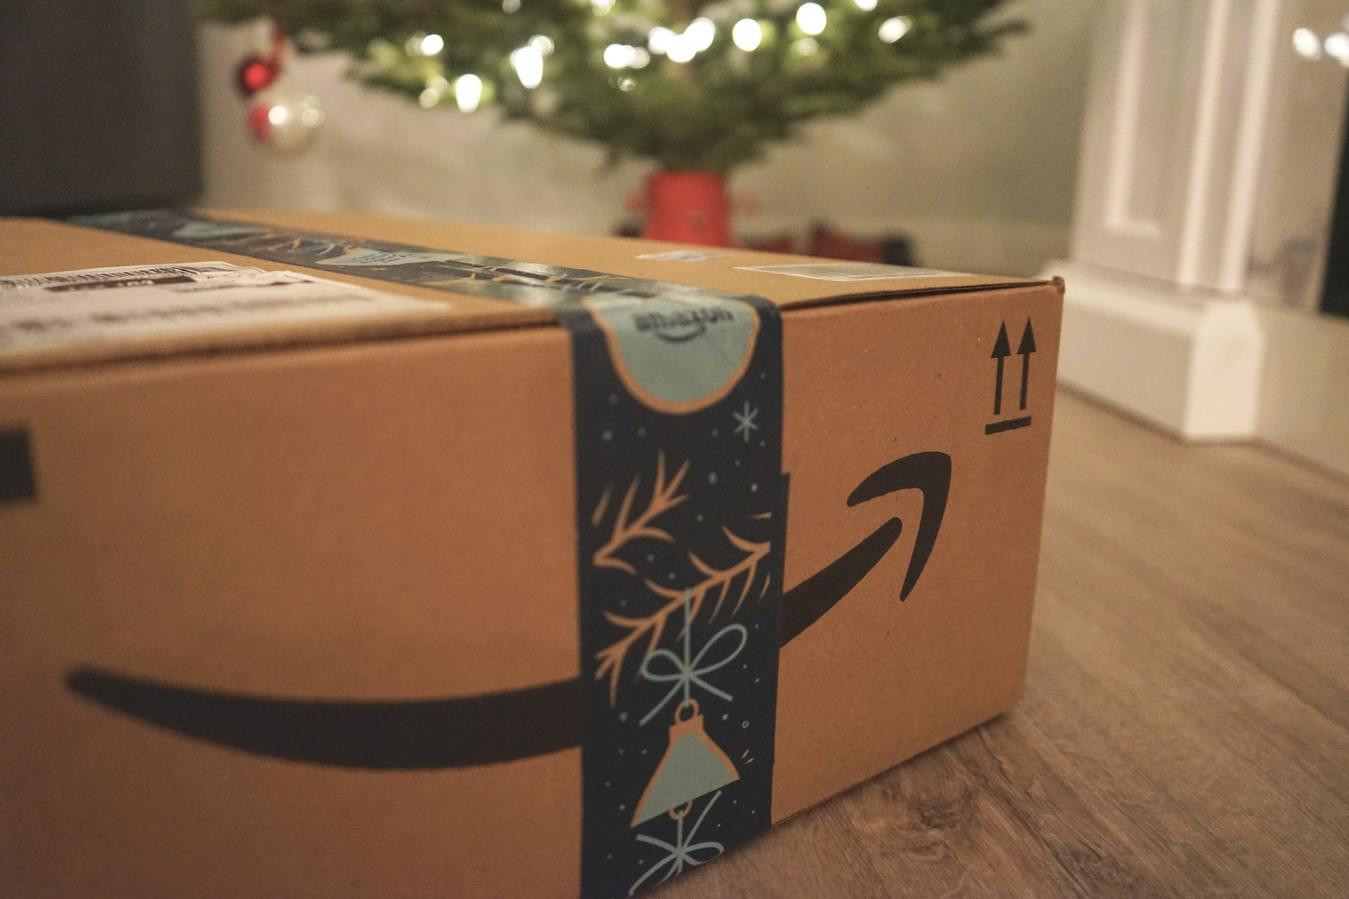 Un pacco Amazon sotto l'albero di natale